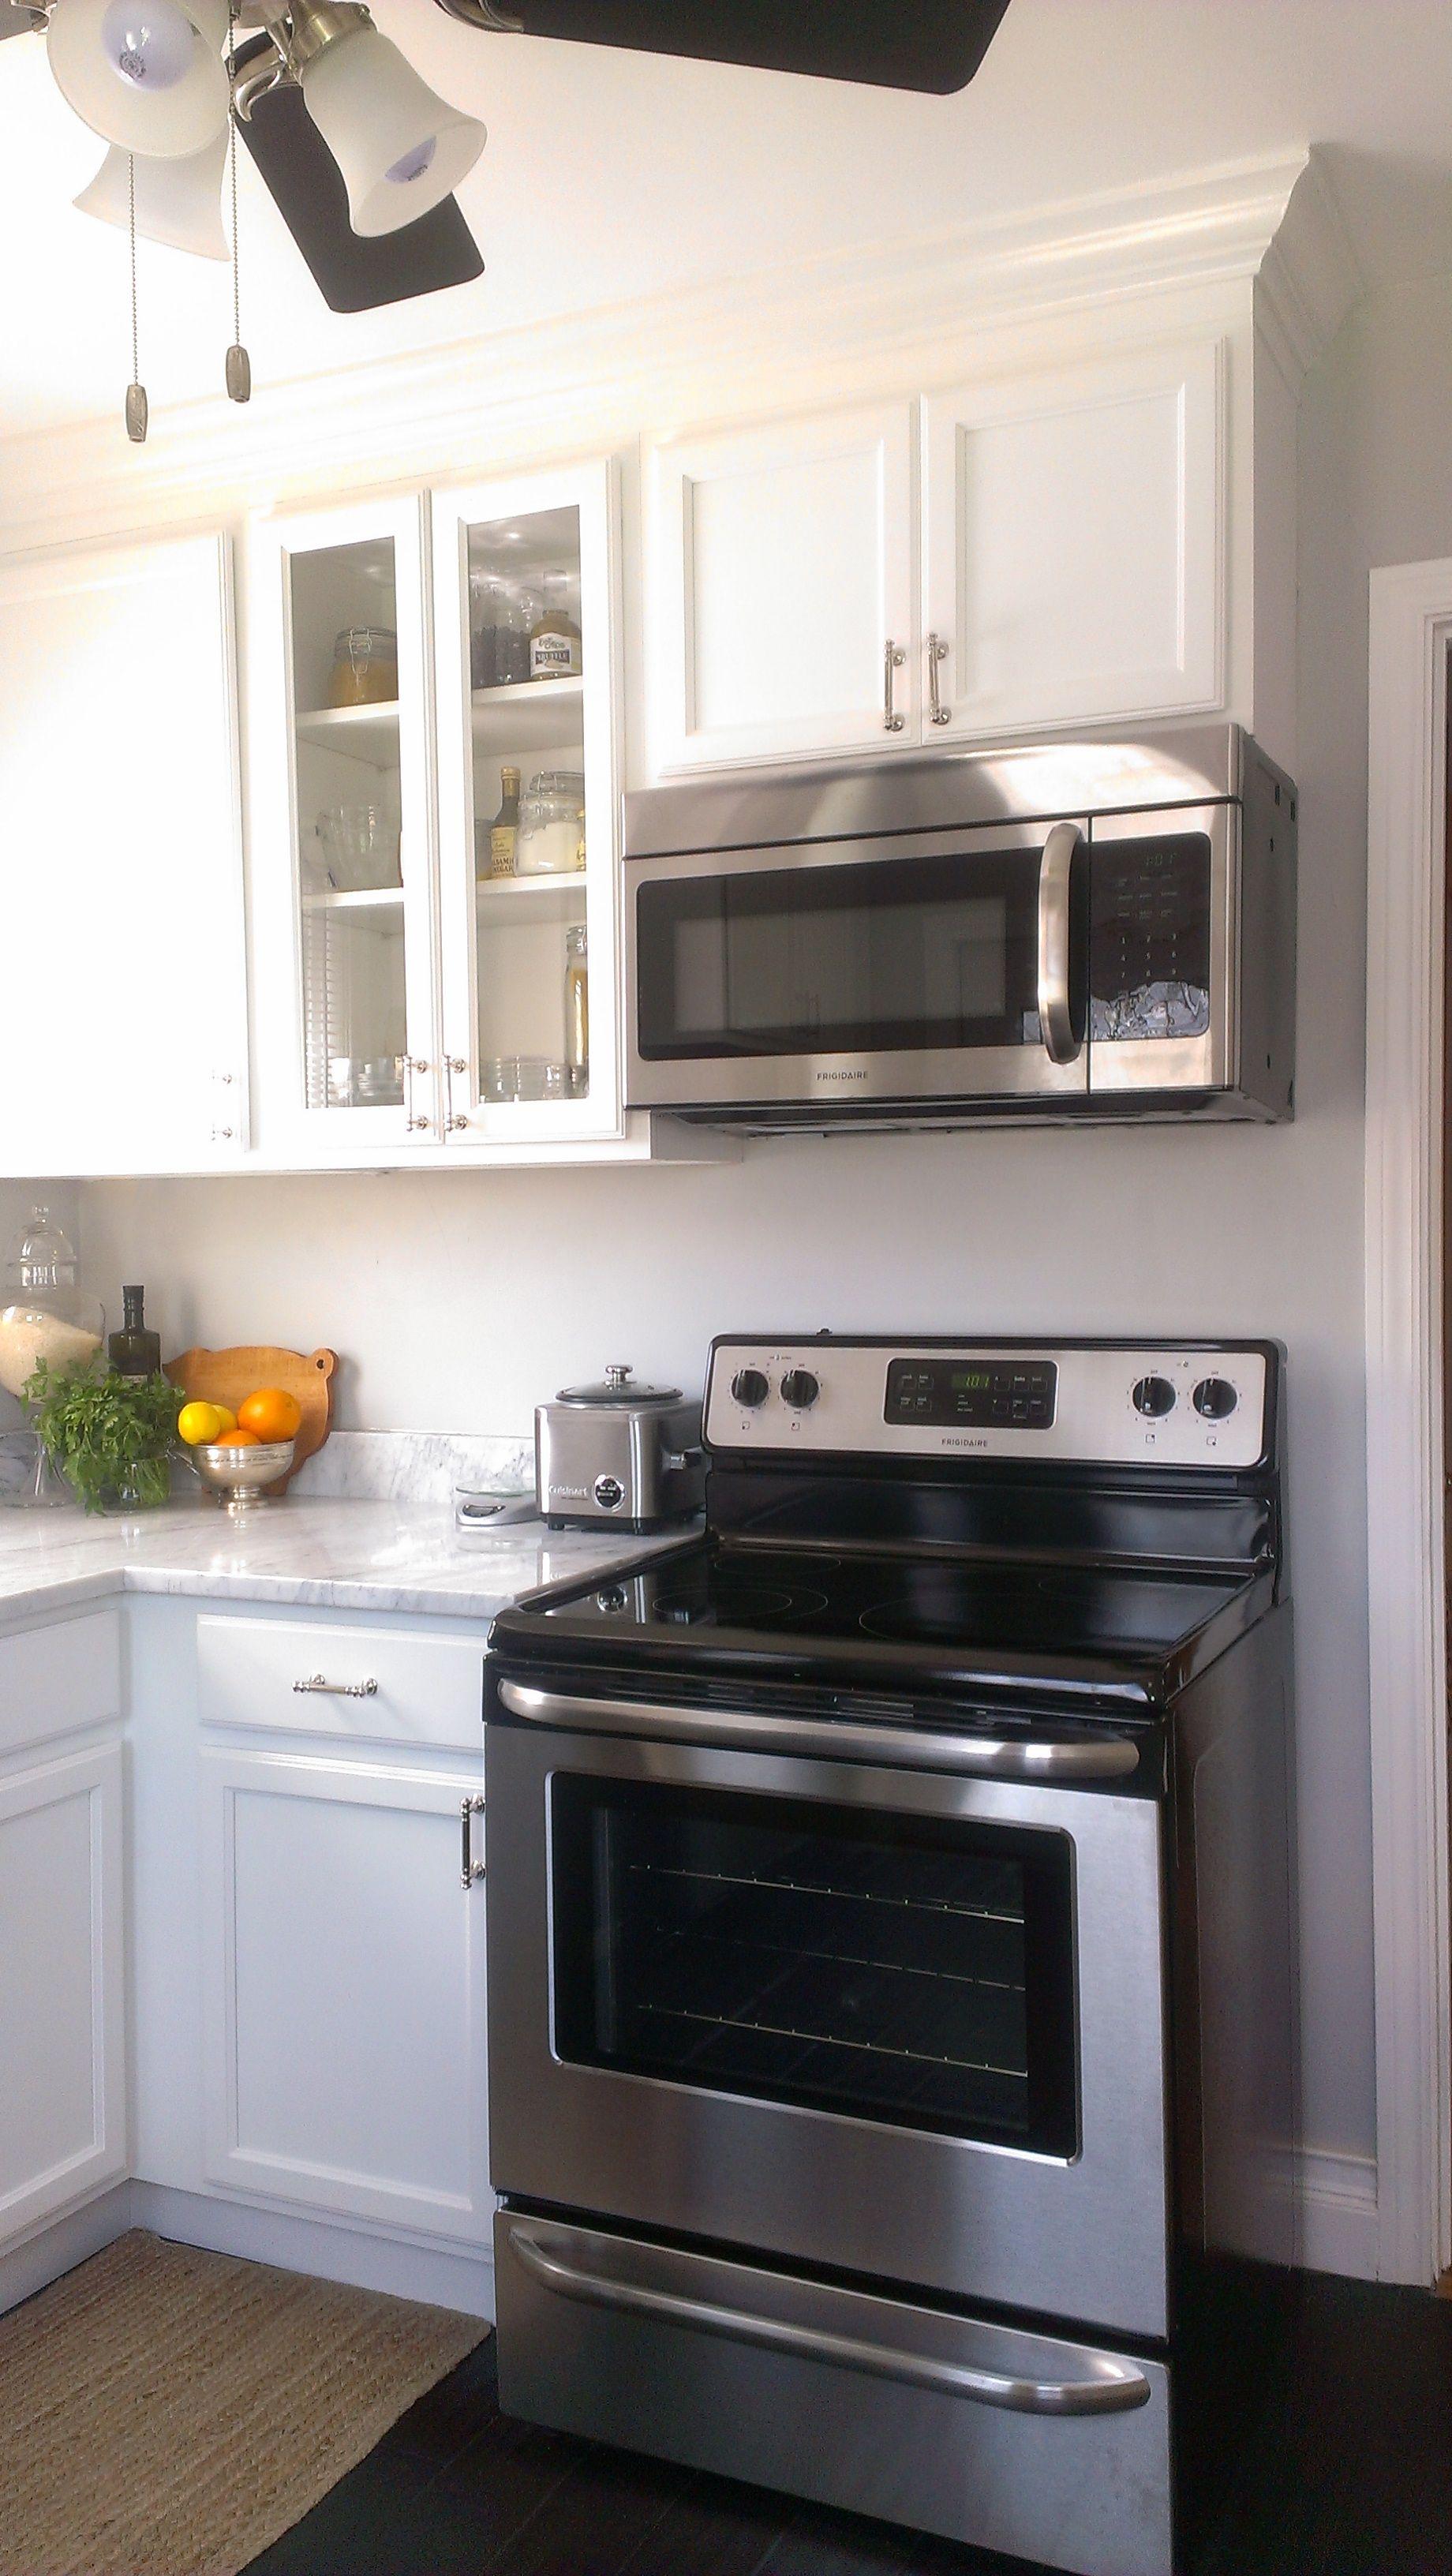 Small Kitchen White Cabinets Carrara Marble Countertop Dark